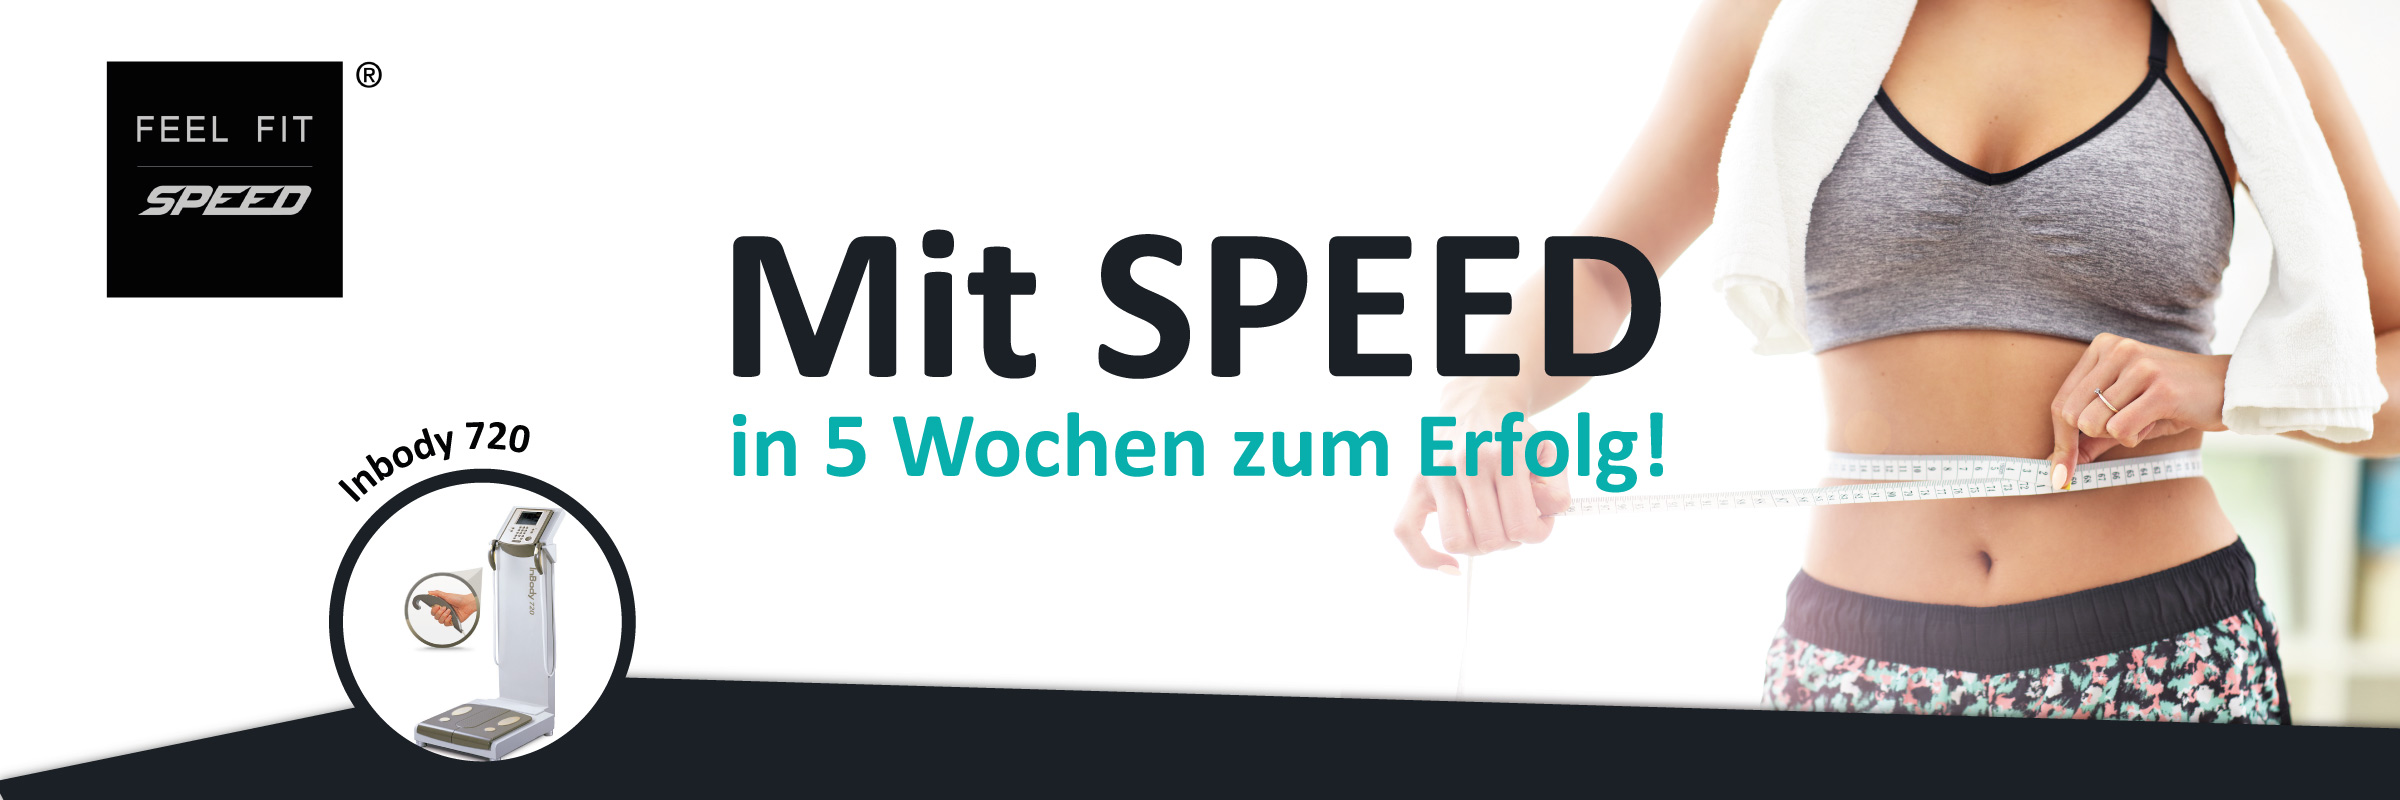 In 5 Wochen zum Erfolg mit Feel Fit Speed® Slimyonic Inbody